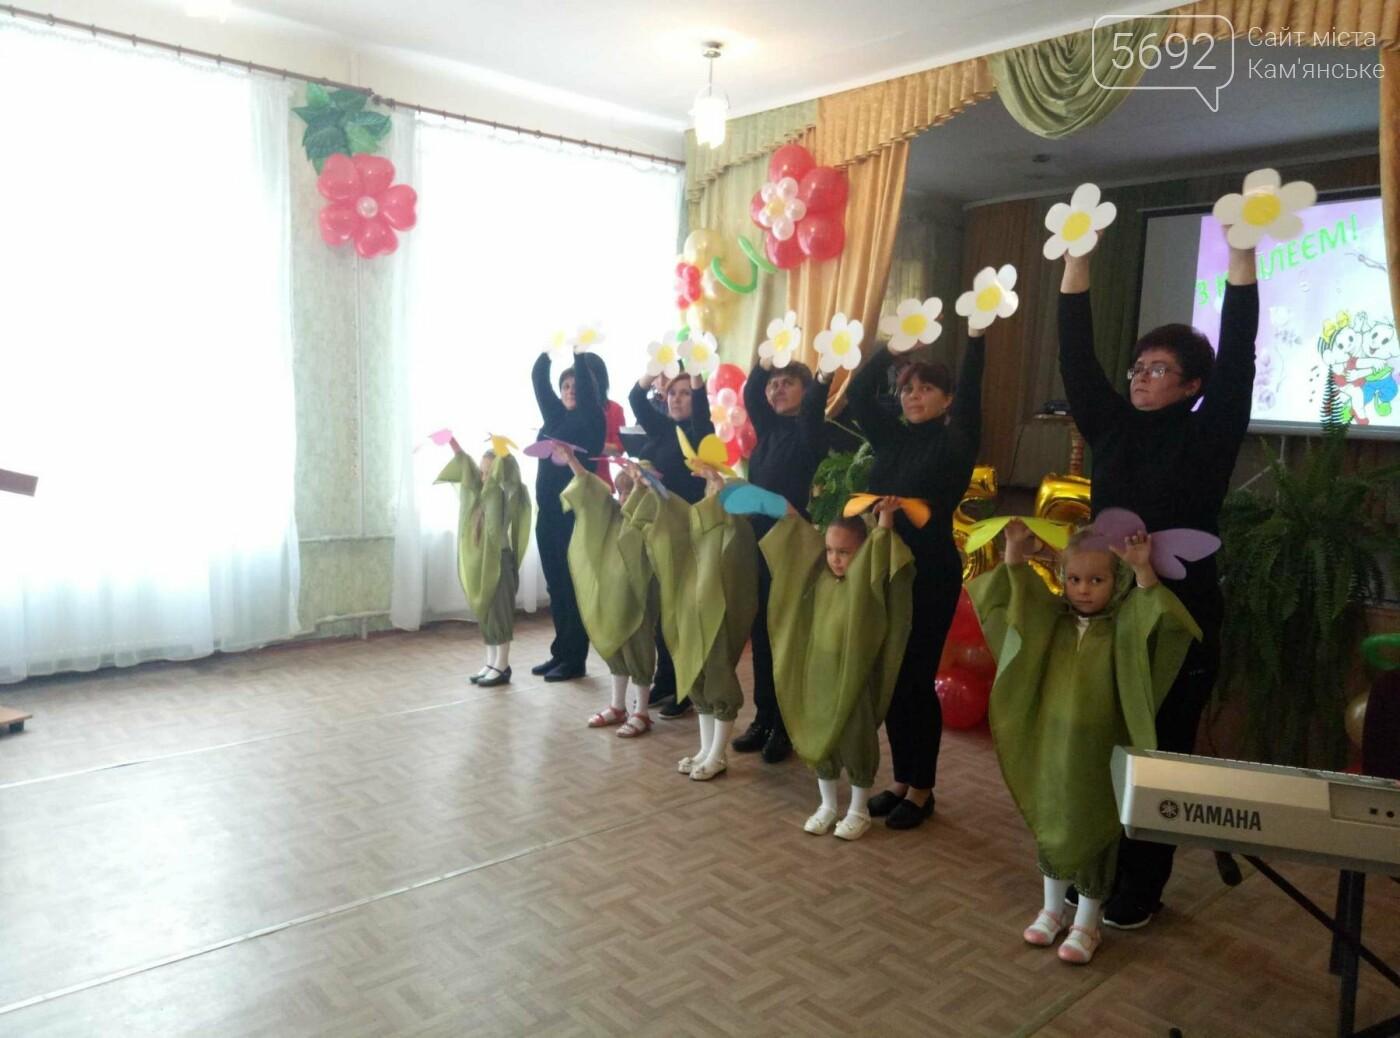 Каменская школа №7 отпраздновала 55-летие, фото-11